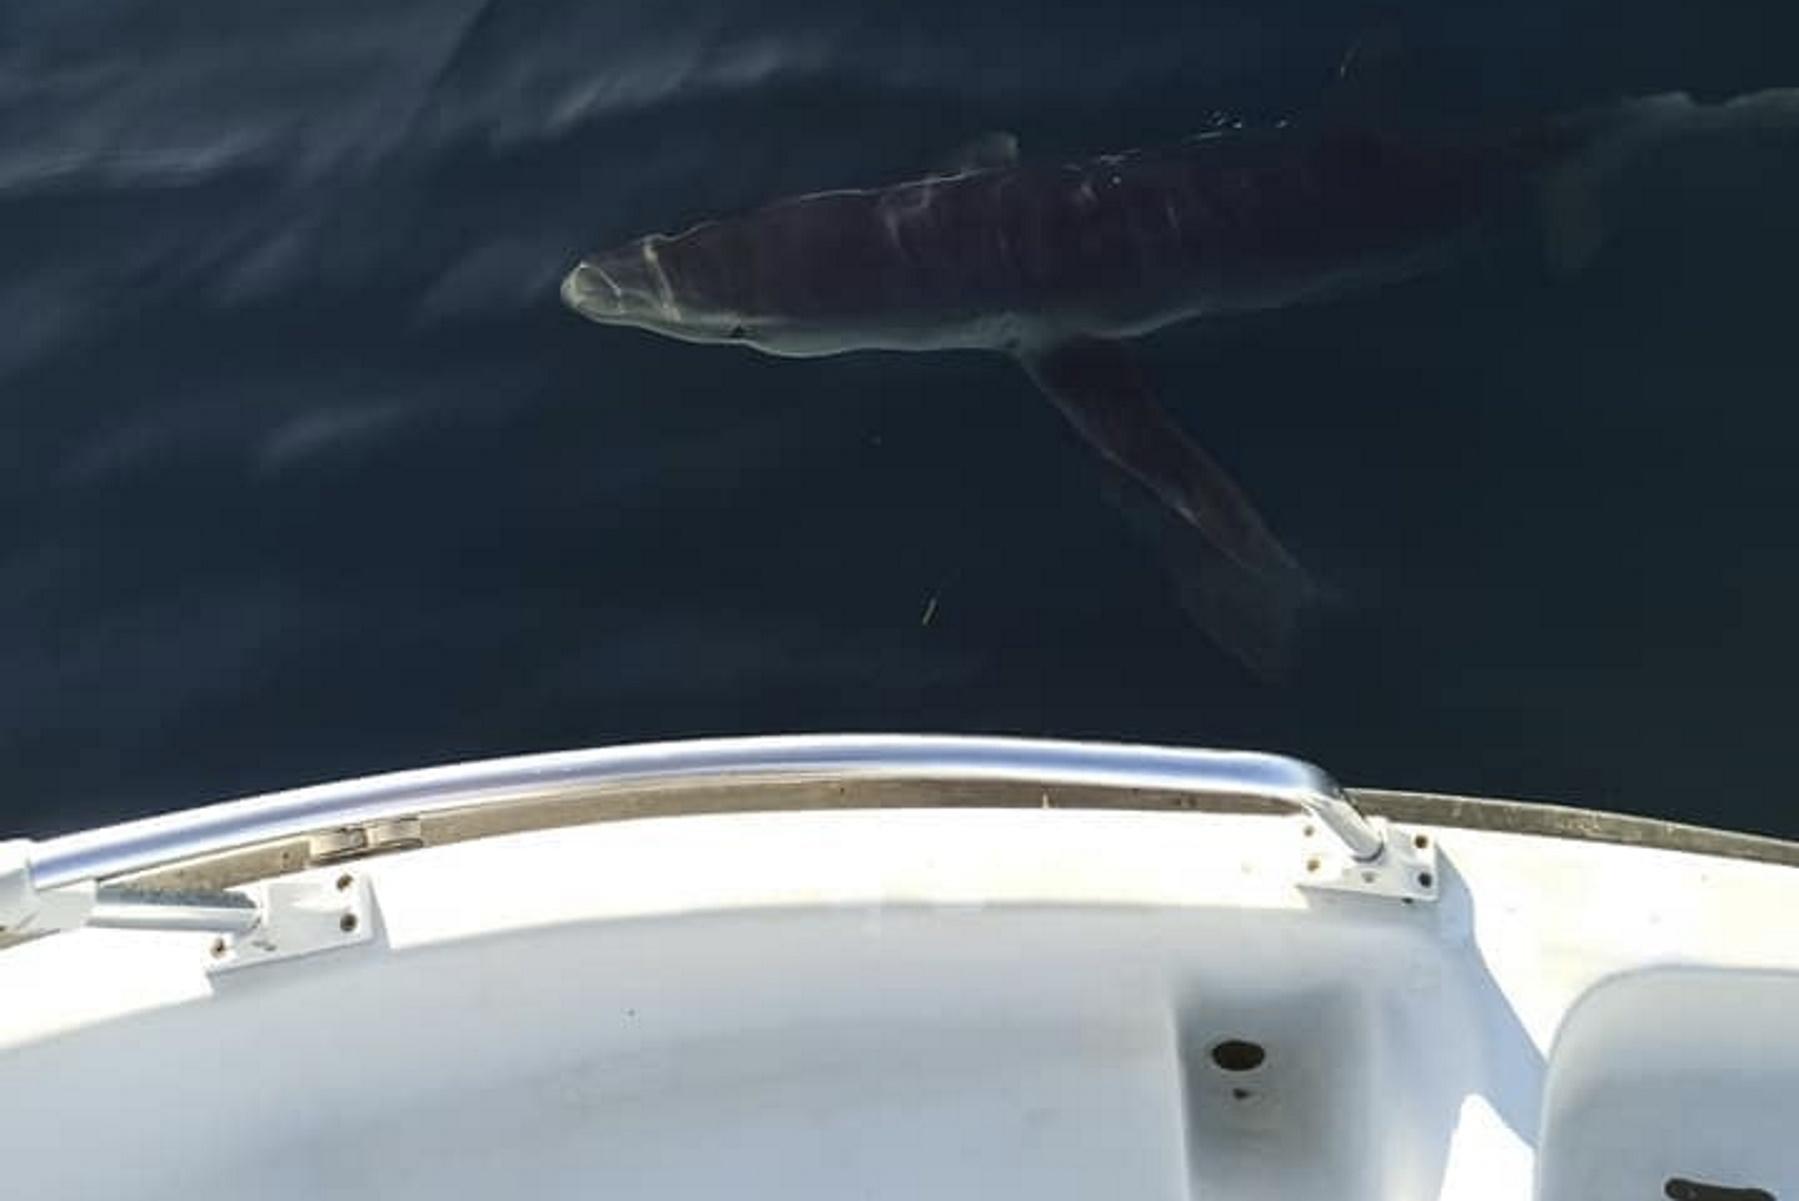 Καρχαρίες κόβουν βόλτες γύρω από ψαράδες στην Αμάρυνθο και την Κινέτα – Δείτε φωτογραφίες